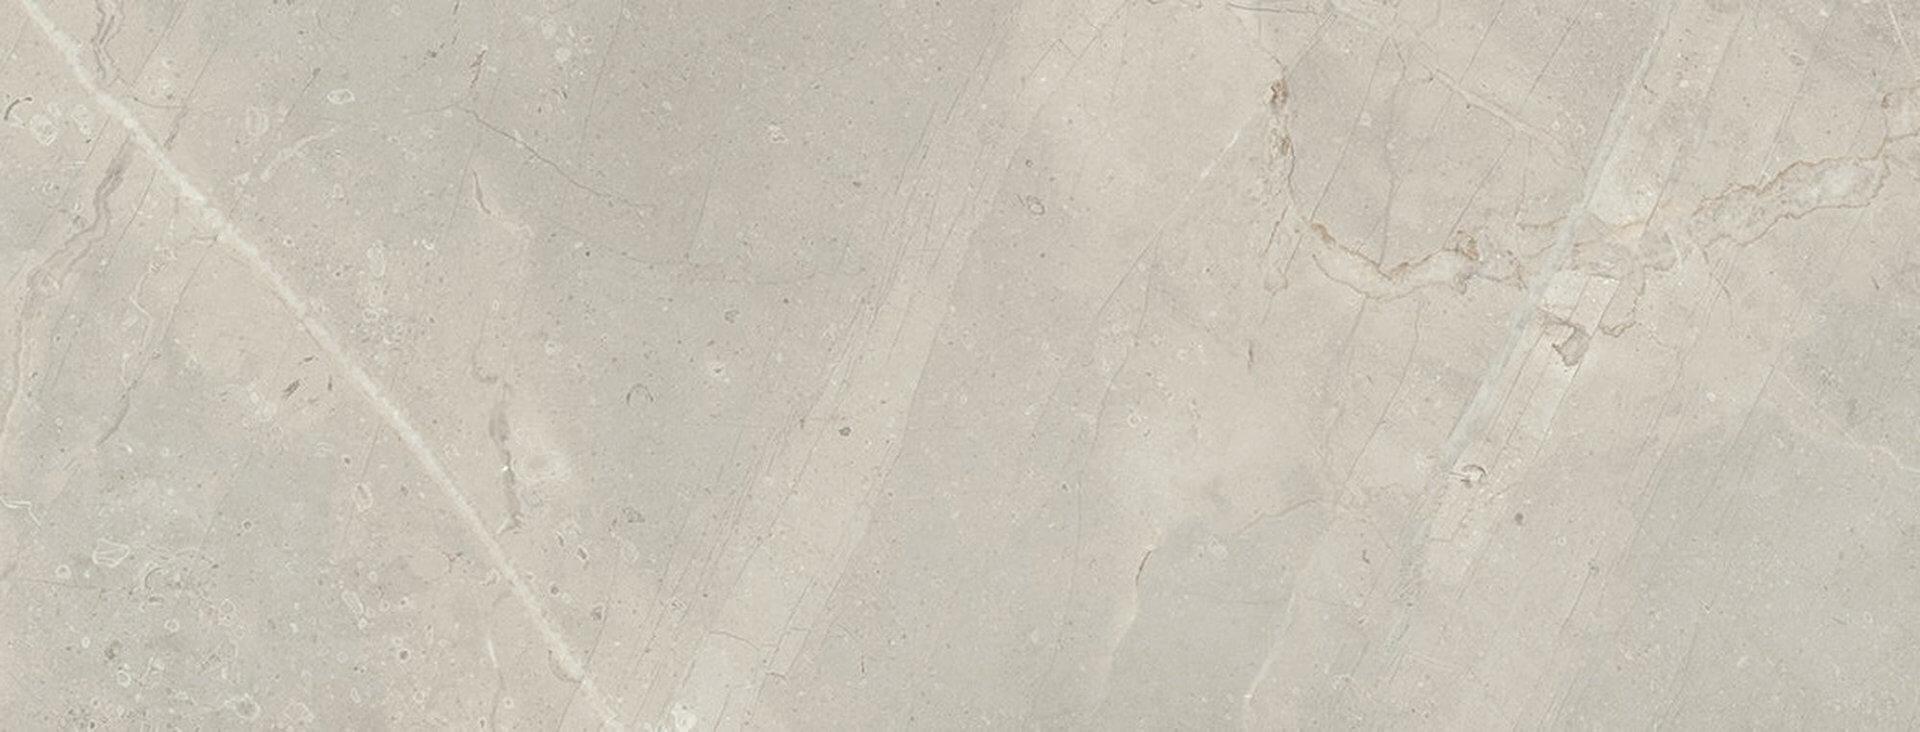 Купить Керамогранит Fanal Milord Pav. Gris Nplus 45x118, Испания